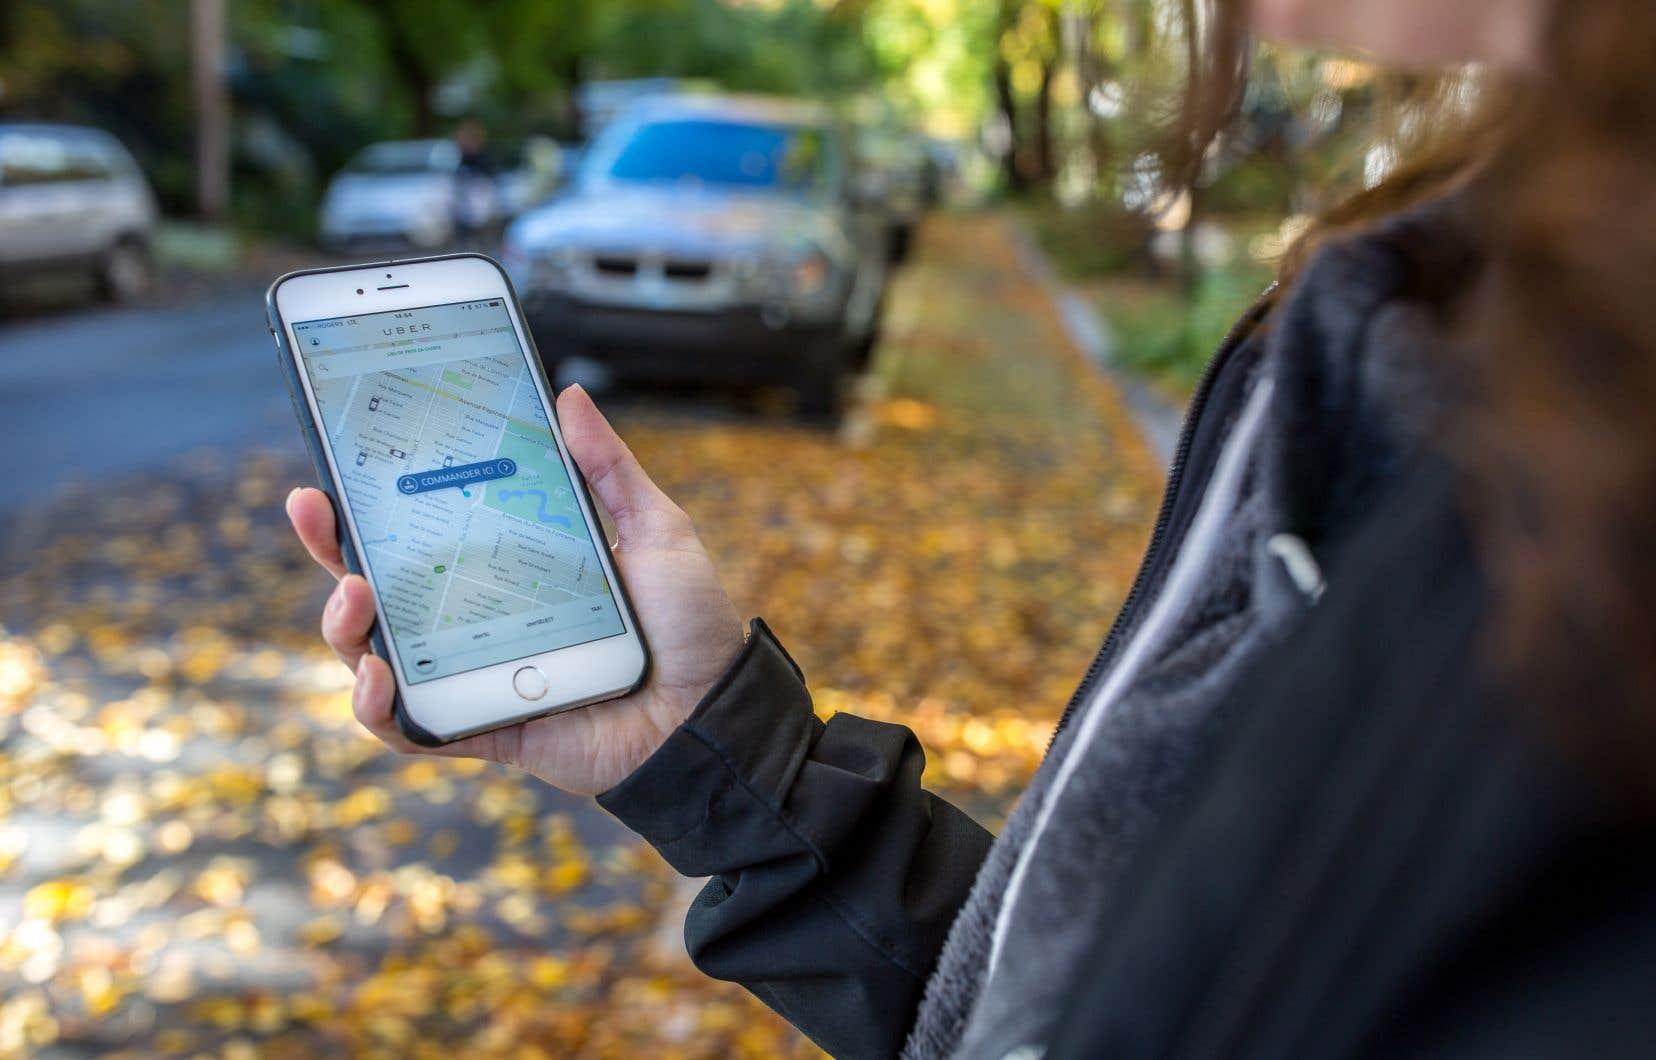 Uber a reconnu avoir payé 100 000 $US aux pirates pour qu'ils détruisent les informations dérobées.